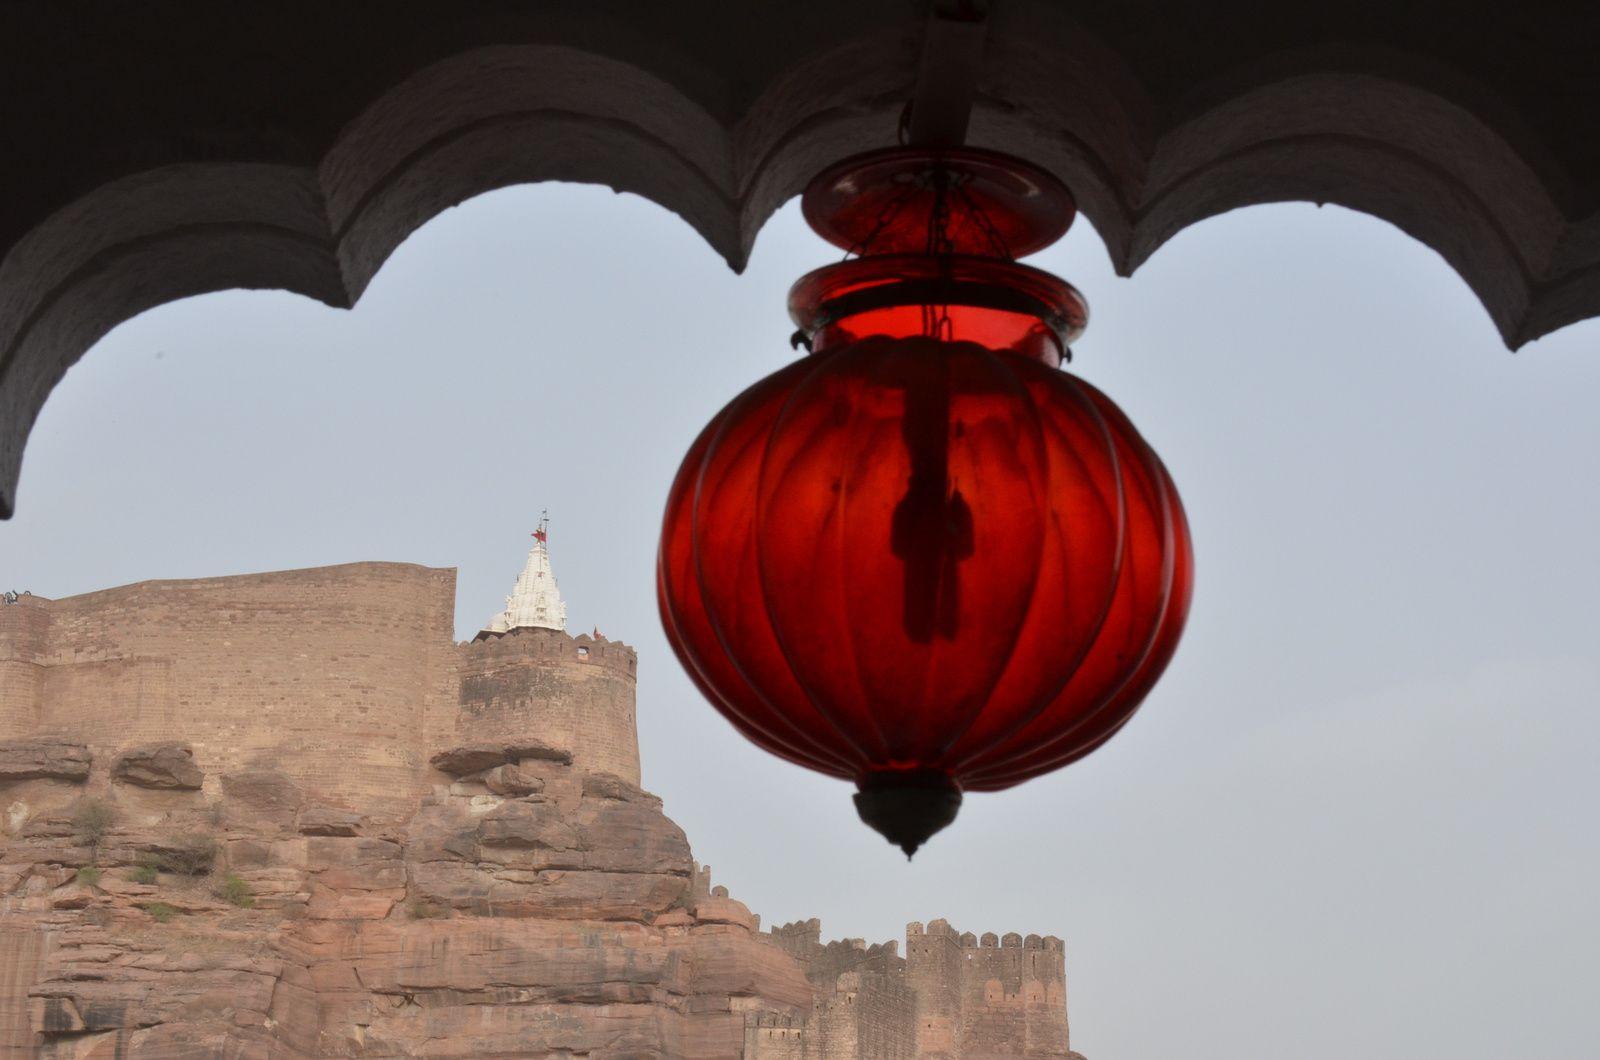 Un petit tour au Rajasthan et puis s'en vont...